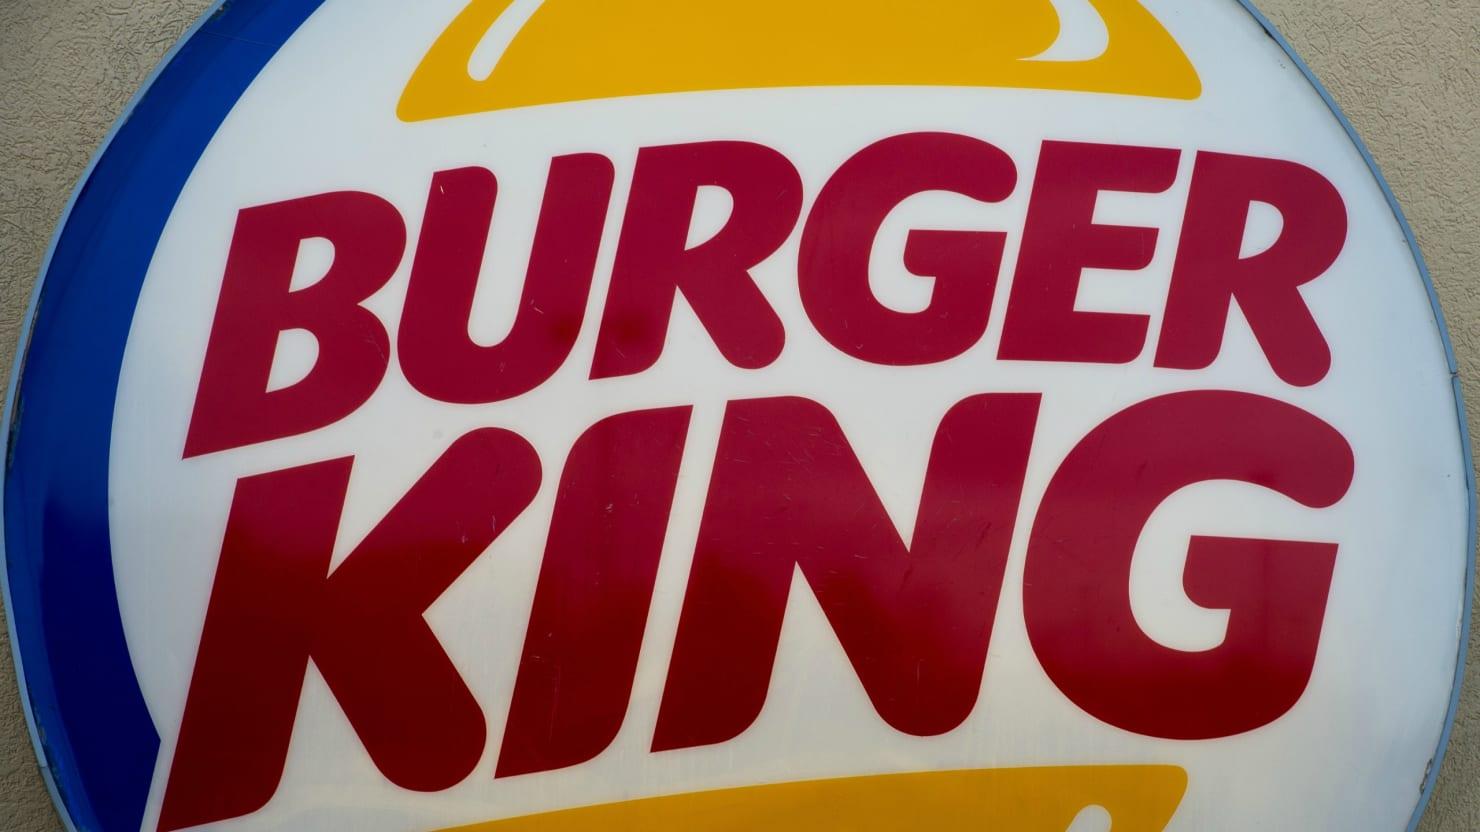 Burger King Köln Köln